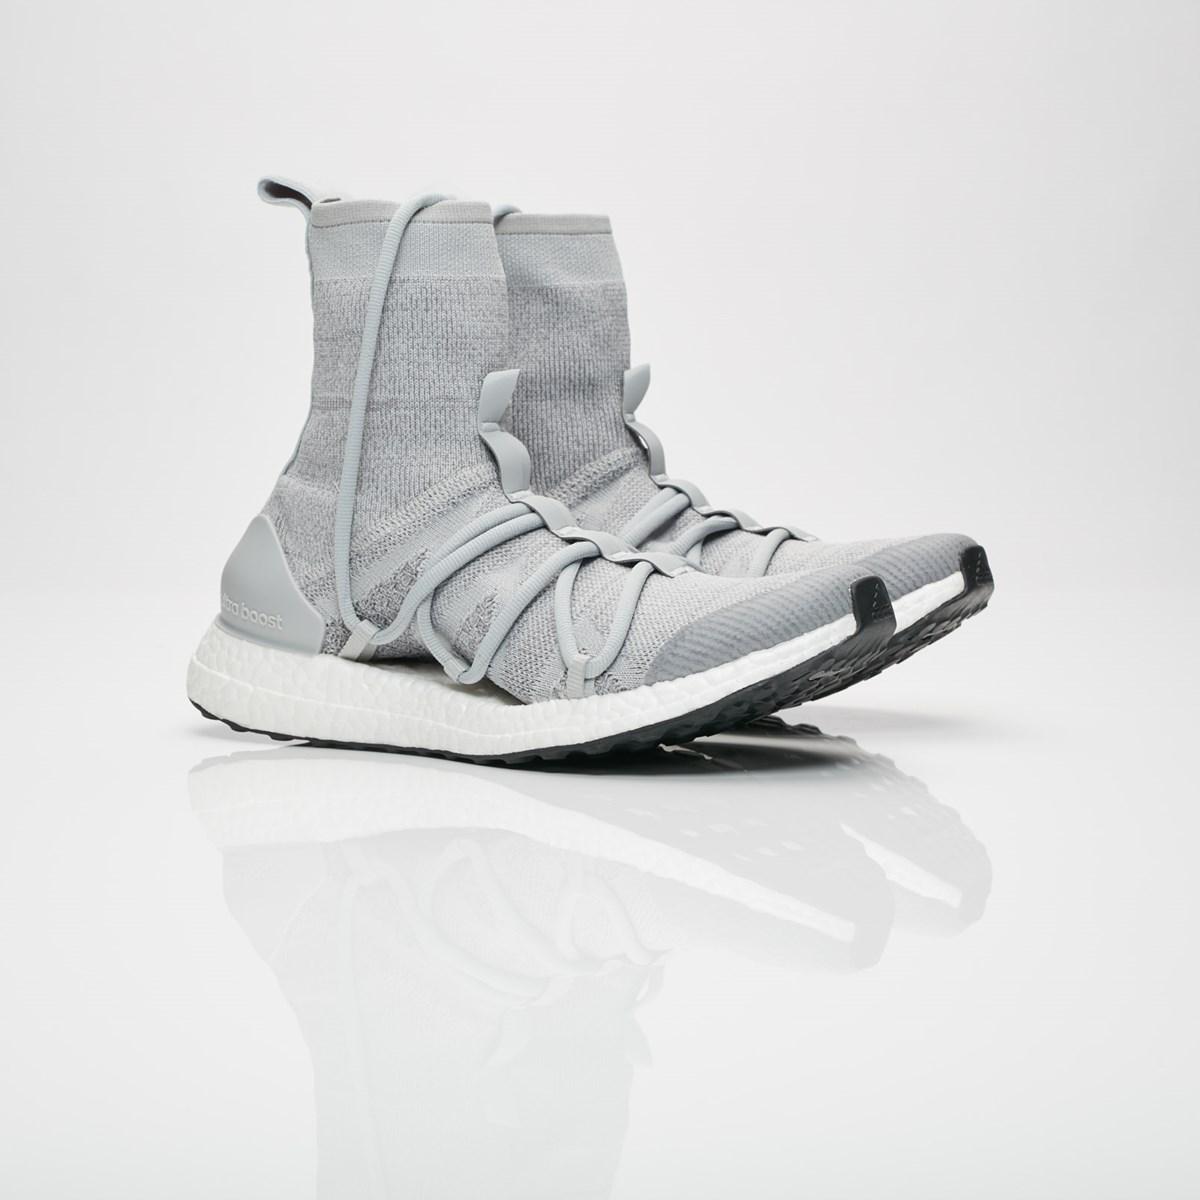 38372e7657890 adidas UltraBOOST X Mid - Bb6269 - Sneakersnstuff